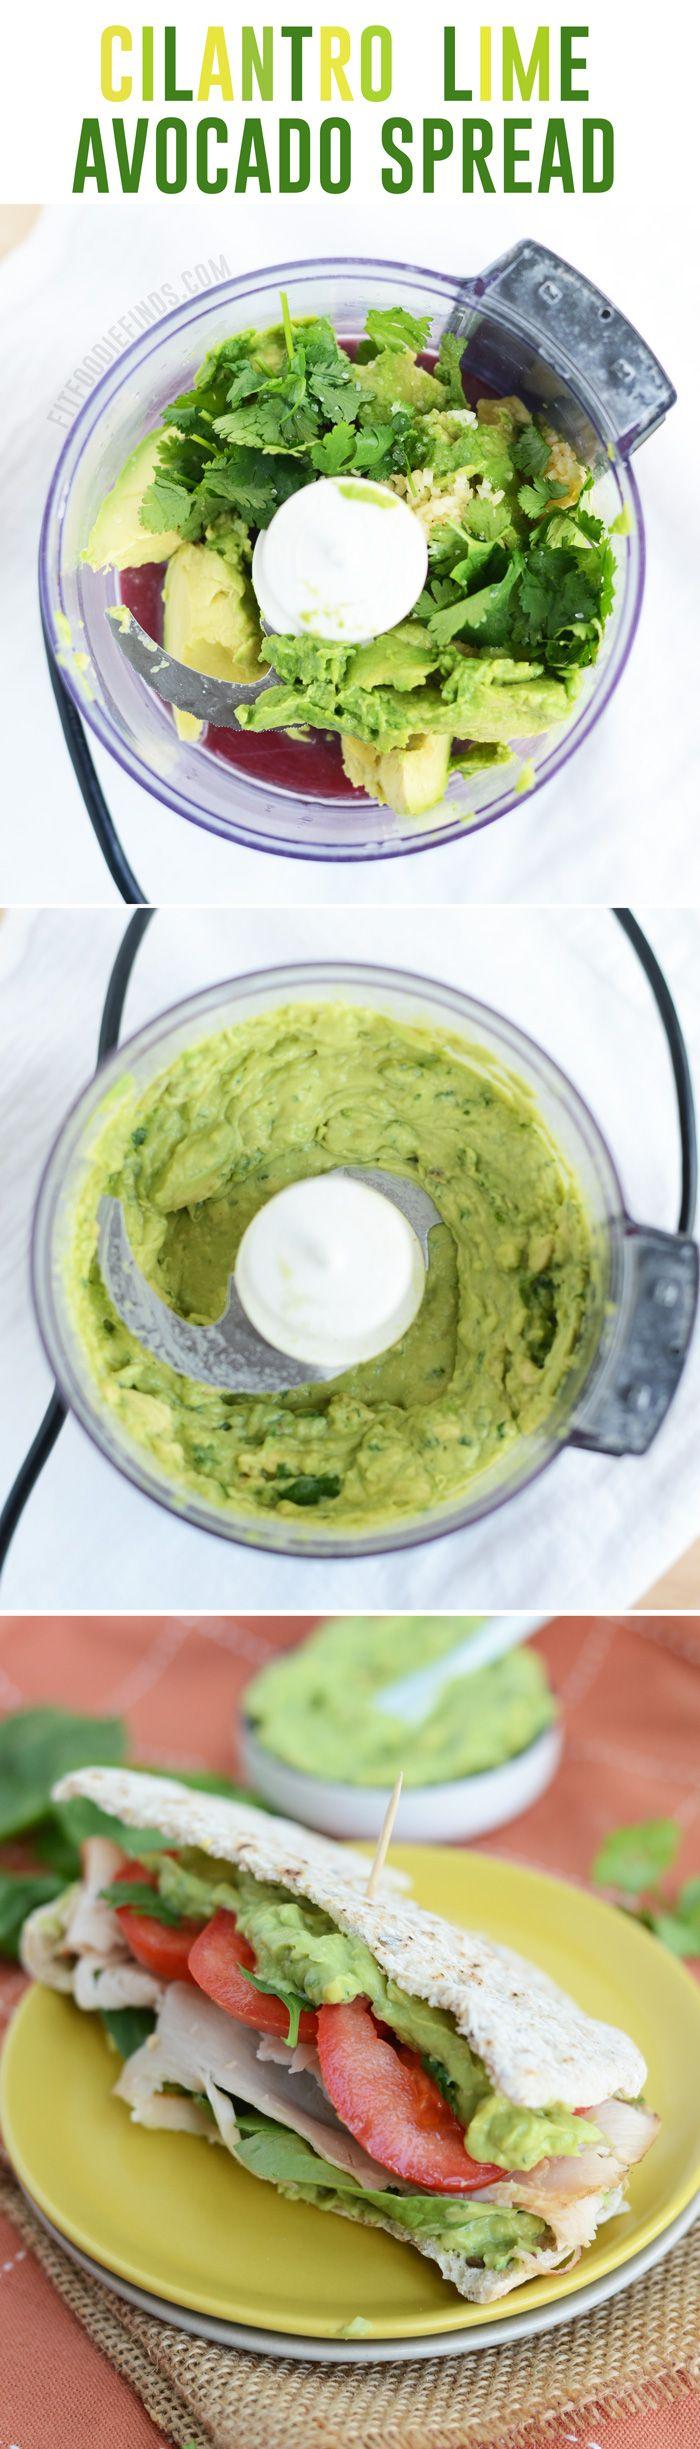 Cilantro Lime Avocado Spread via Fit Foodie Finds